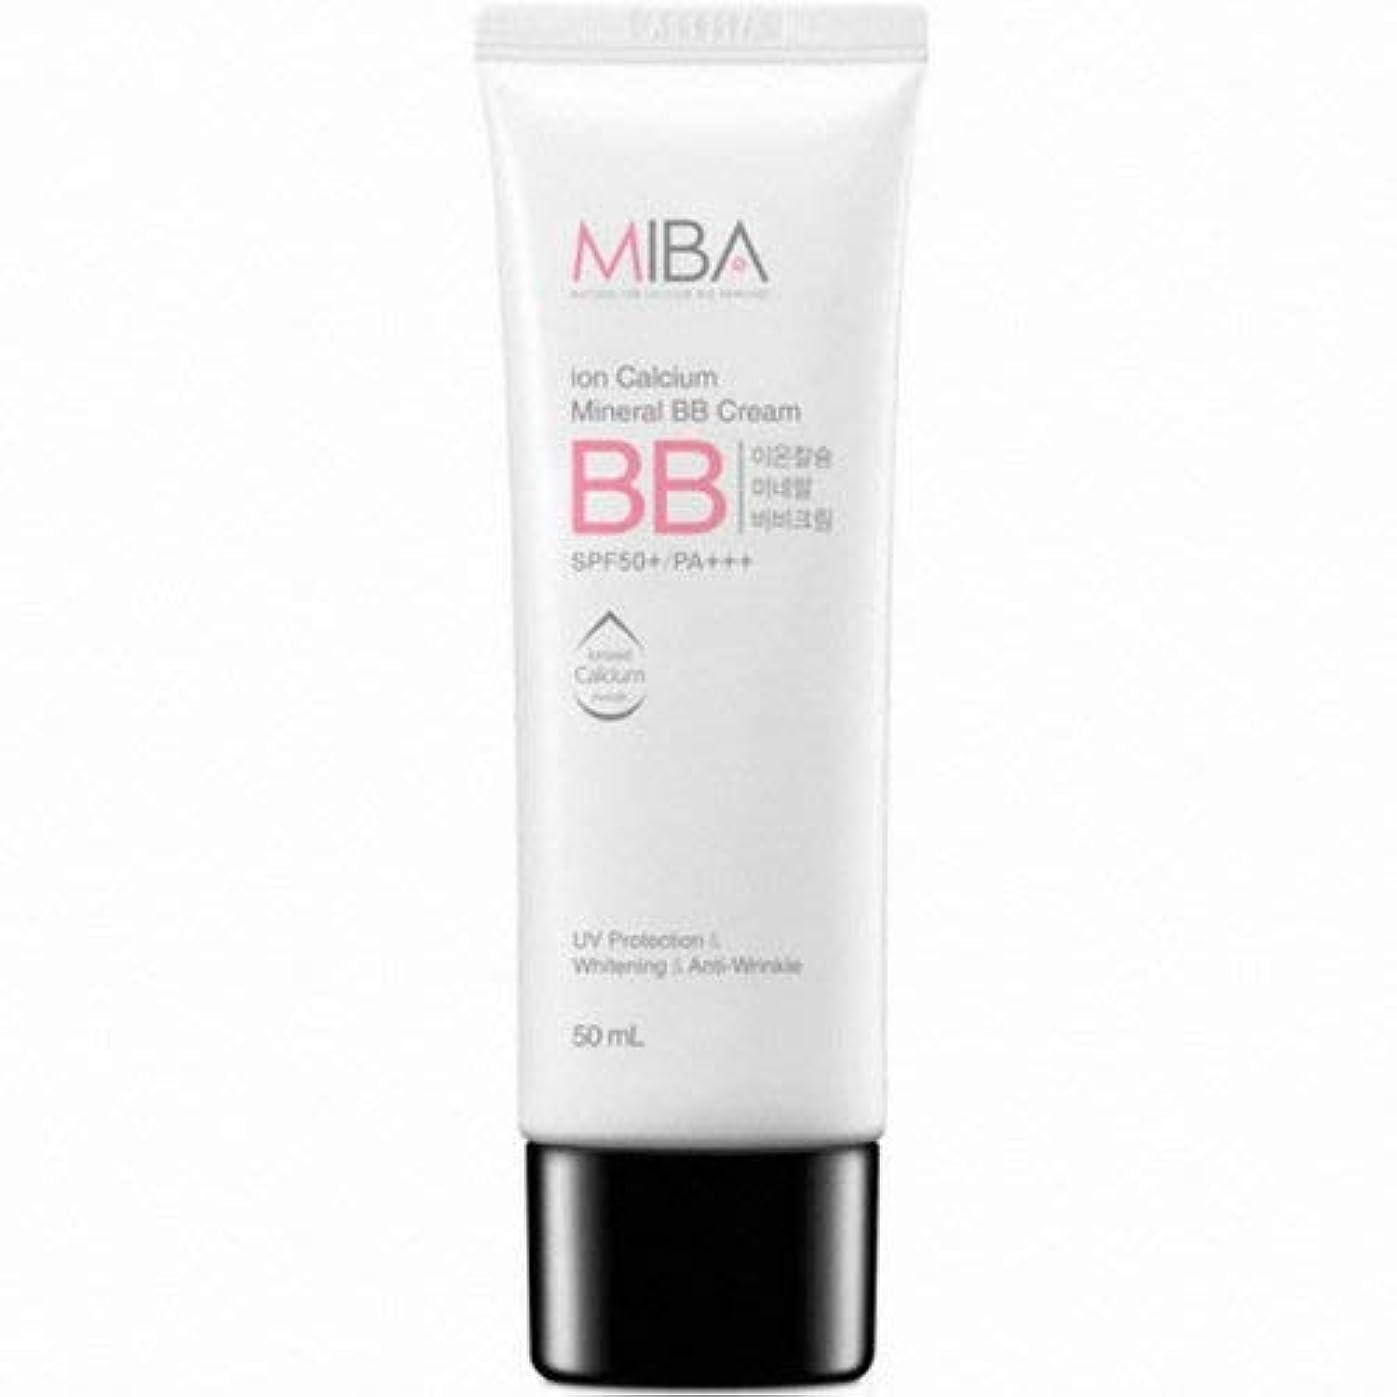 クライアント安定しましたしっとりMINERALBIO ミバ イオン カルシウム ミネラル ビビクリーム/MIBA Ion Calcium Mineral BB Cream (50ml) [並行輸入品]